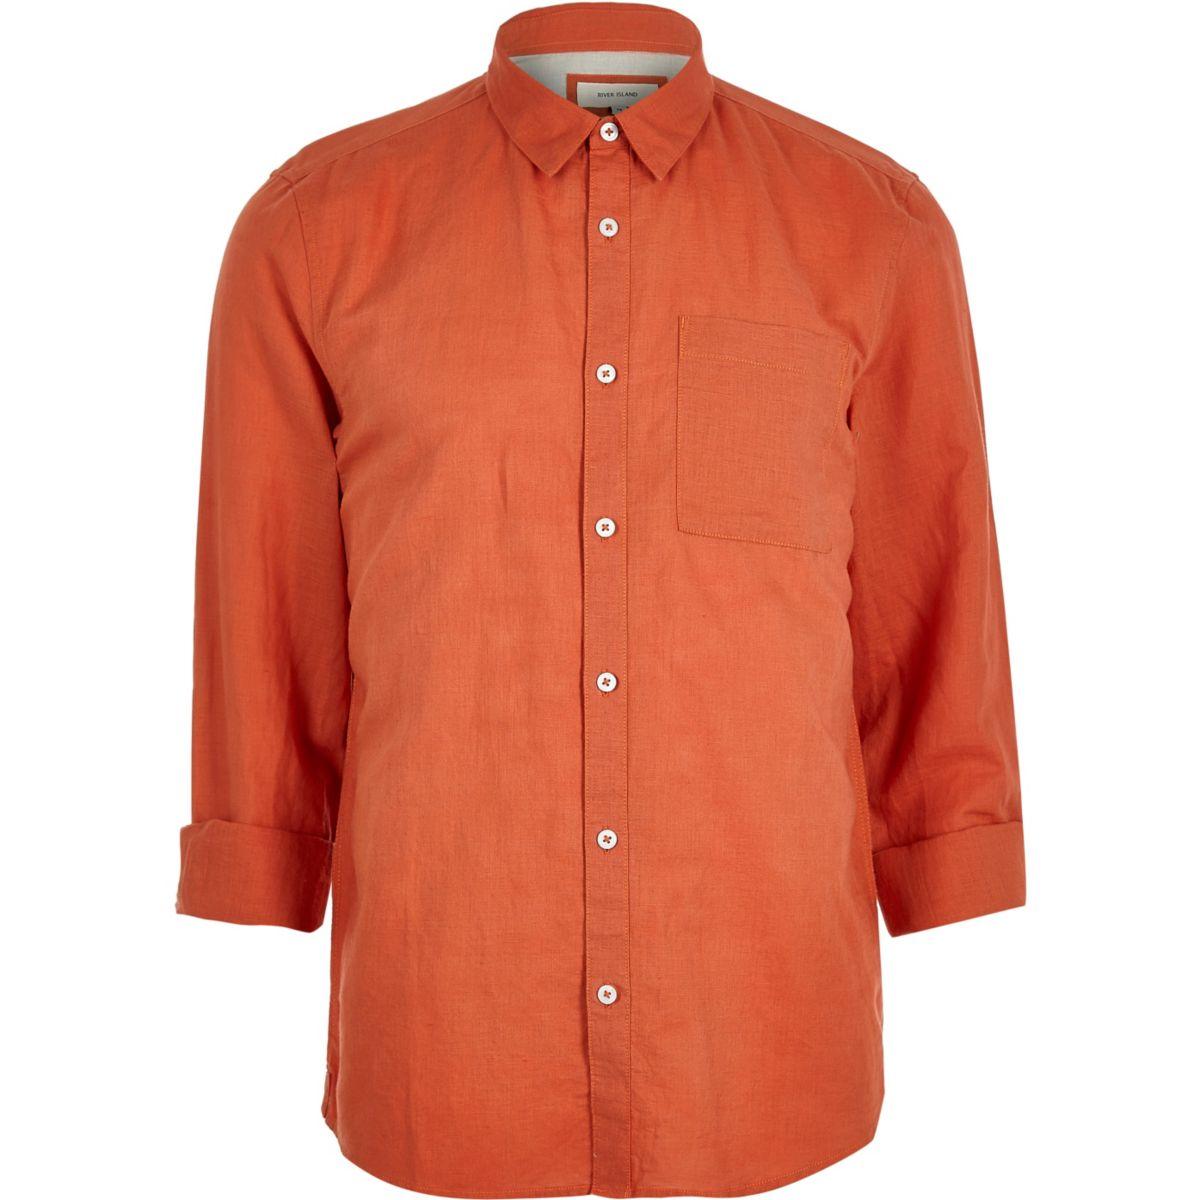 Red linen-rich shirt